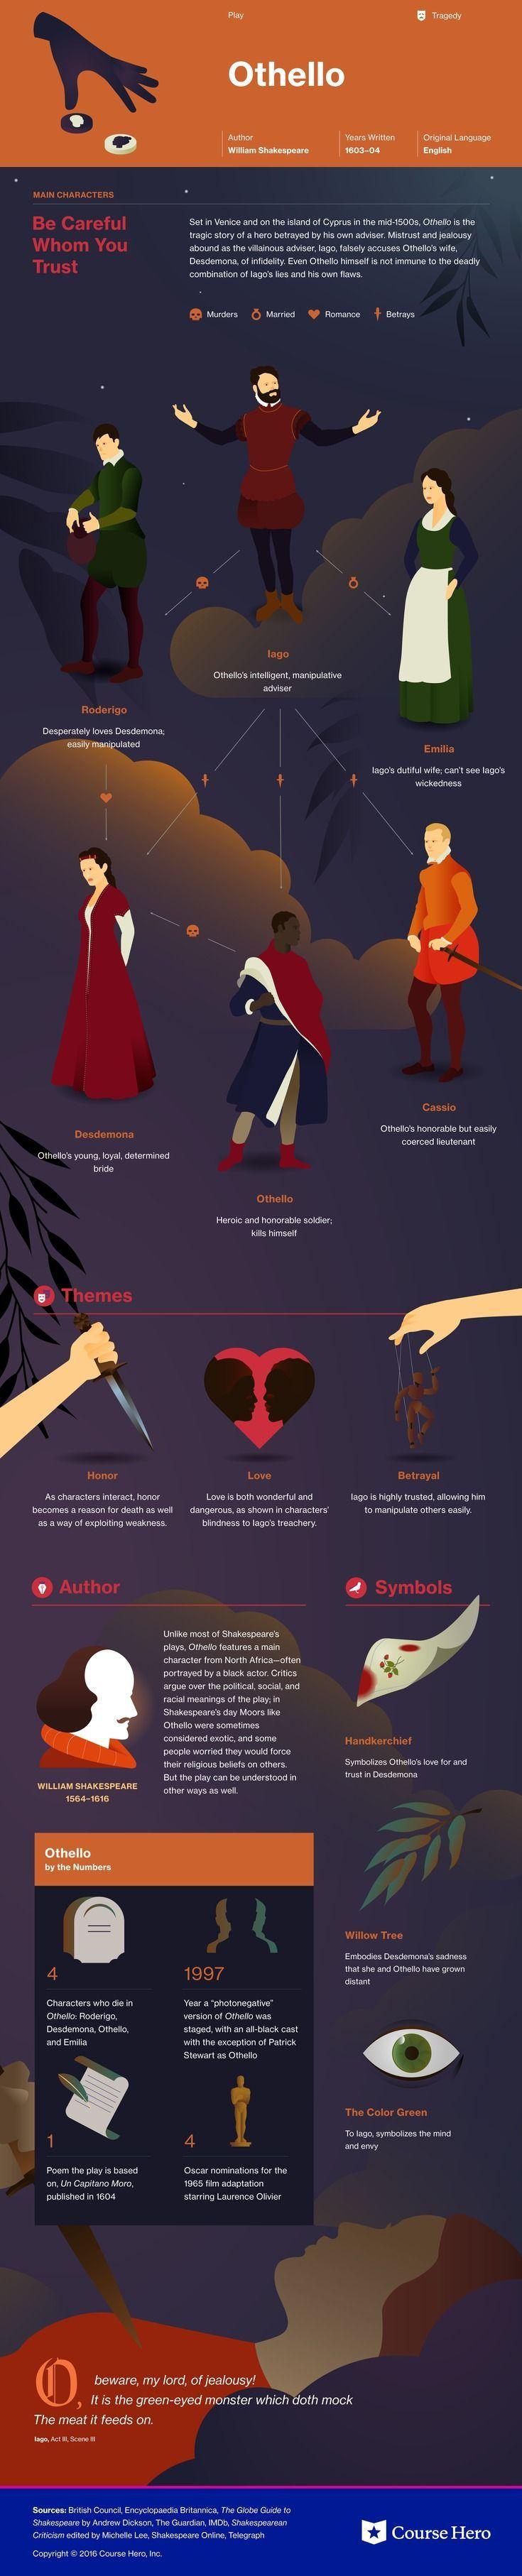 Othello Infographic | Course Hero: We zijn samen met school deze voorstelling gaan kijken in de velinx. Het is een oud verhaal en ik vond het wel interessant dat ze lieten zien hoe kort haat en liefde bij elkaar staan.